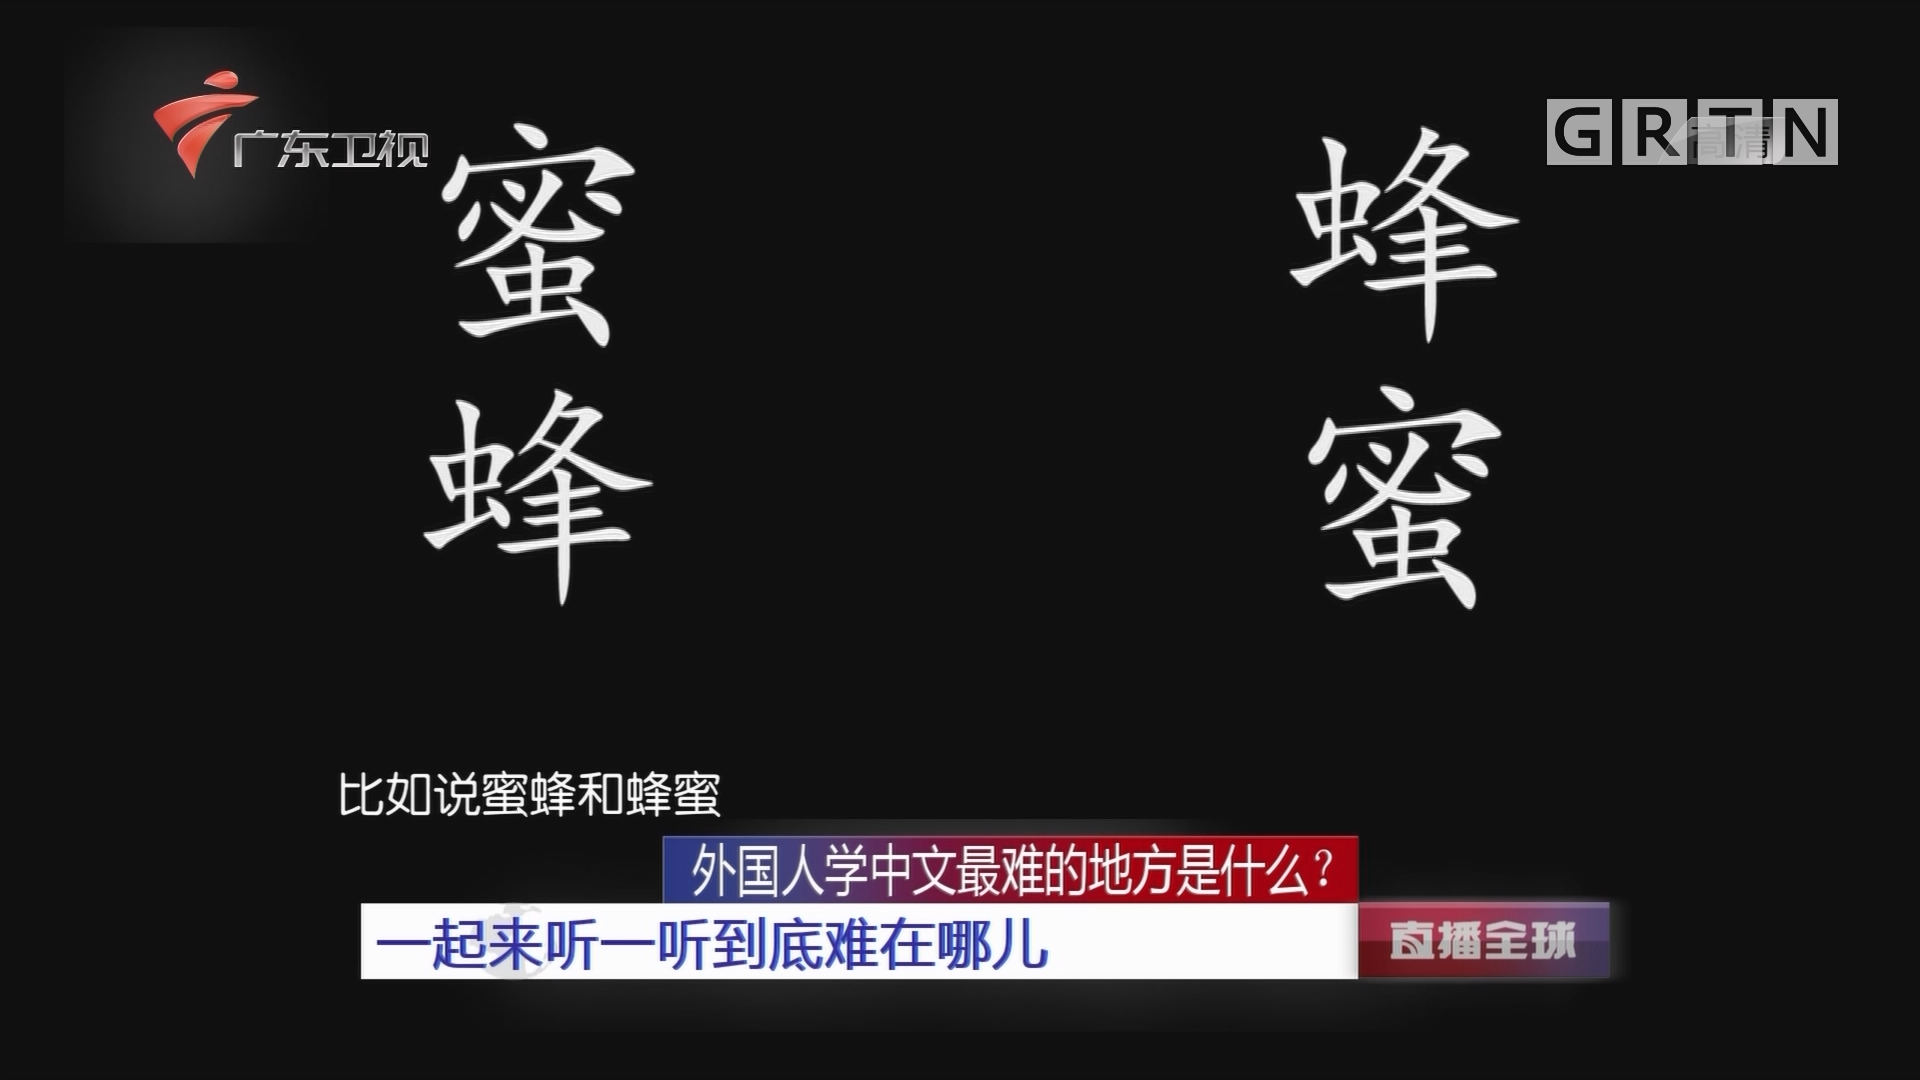 外国人学中文最难的地方是什么? 一起来听一听到底难在哪儿